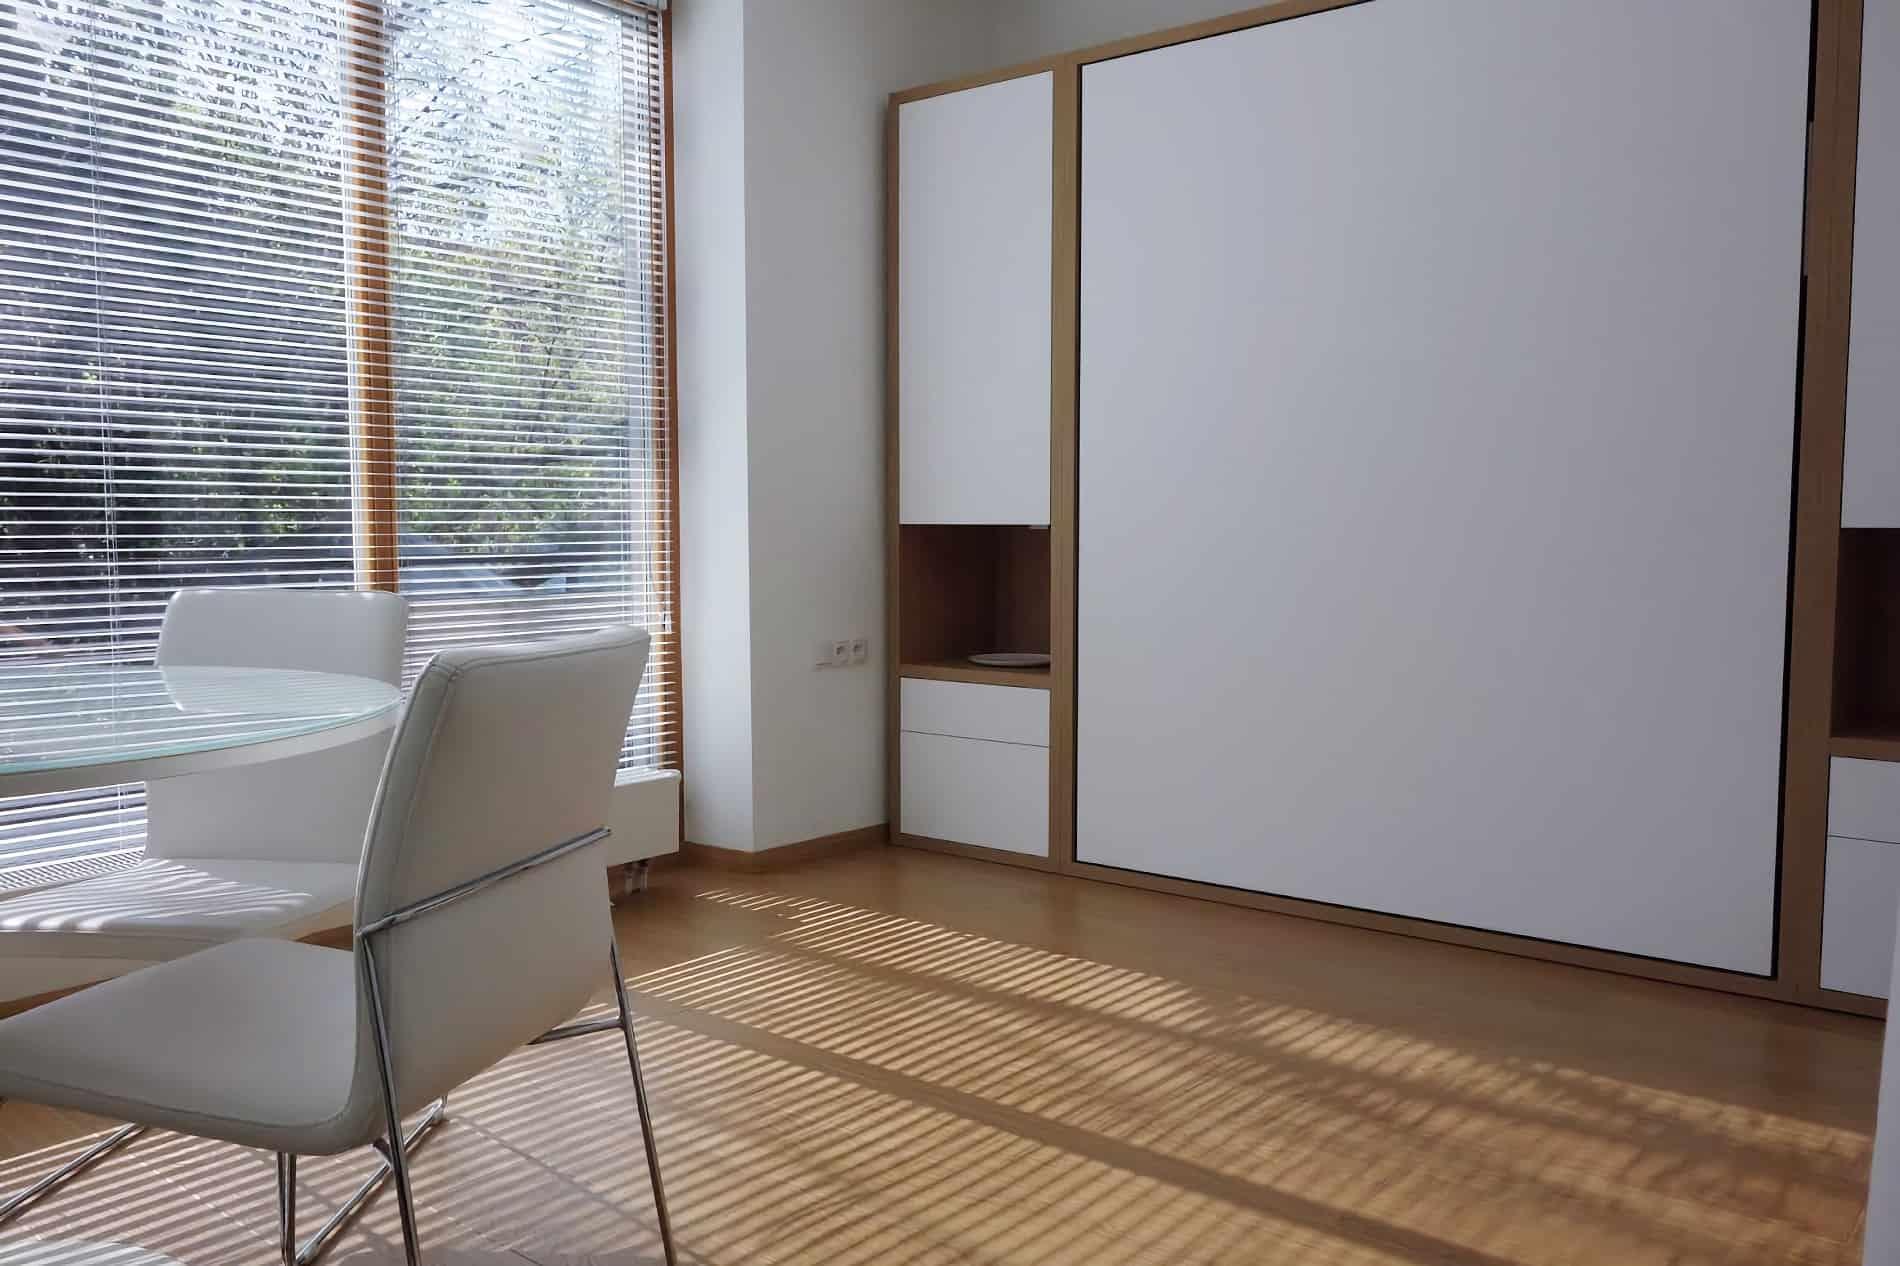 realizacje mebli firmy transforms - Pracownia Architektoniczna Prima (3)